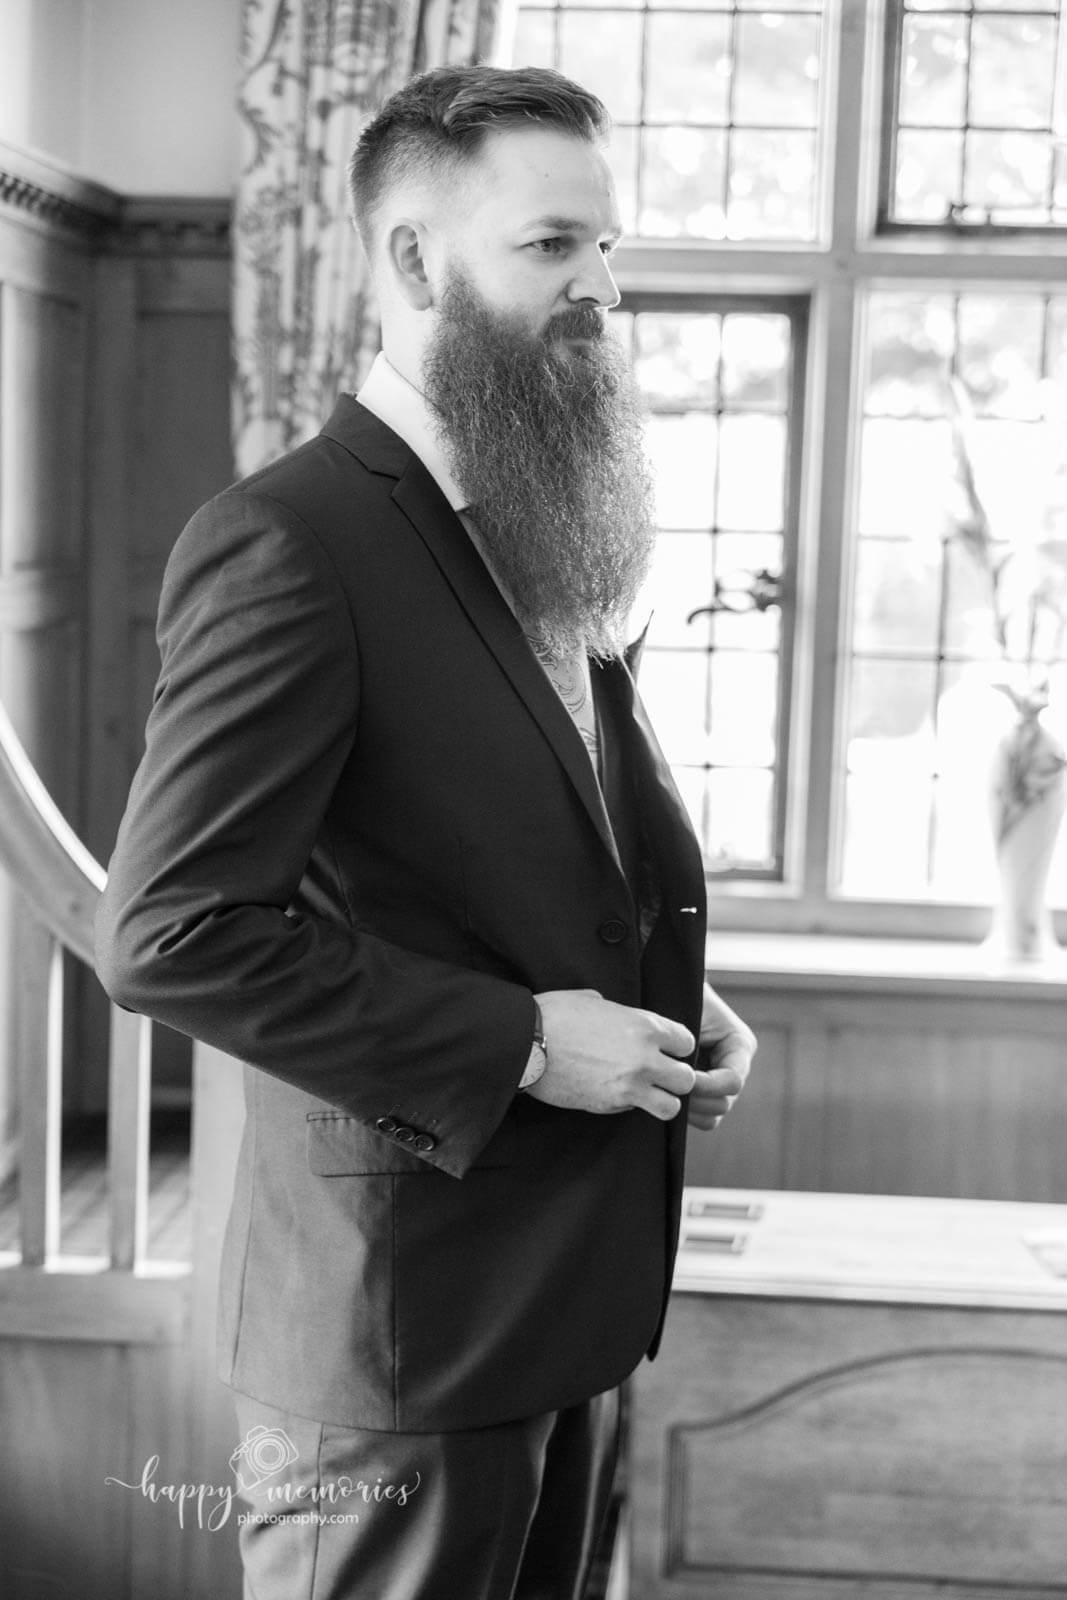 Wedding photographer Crawley-22